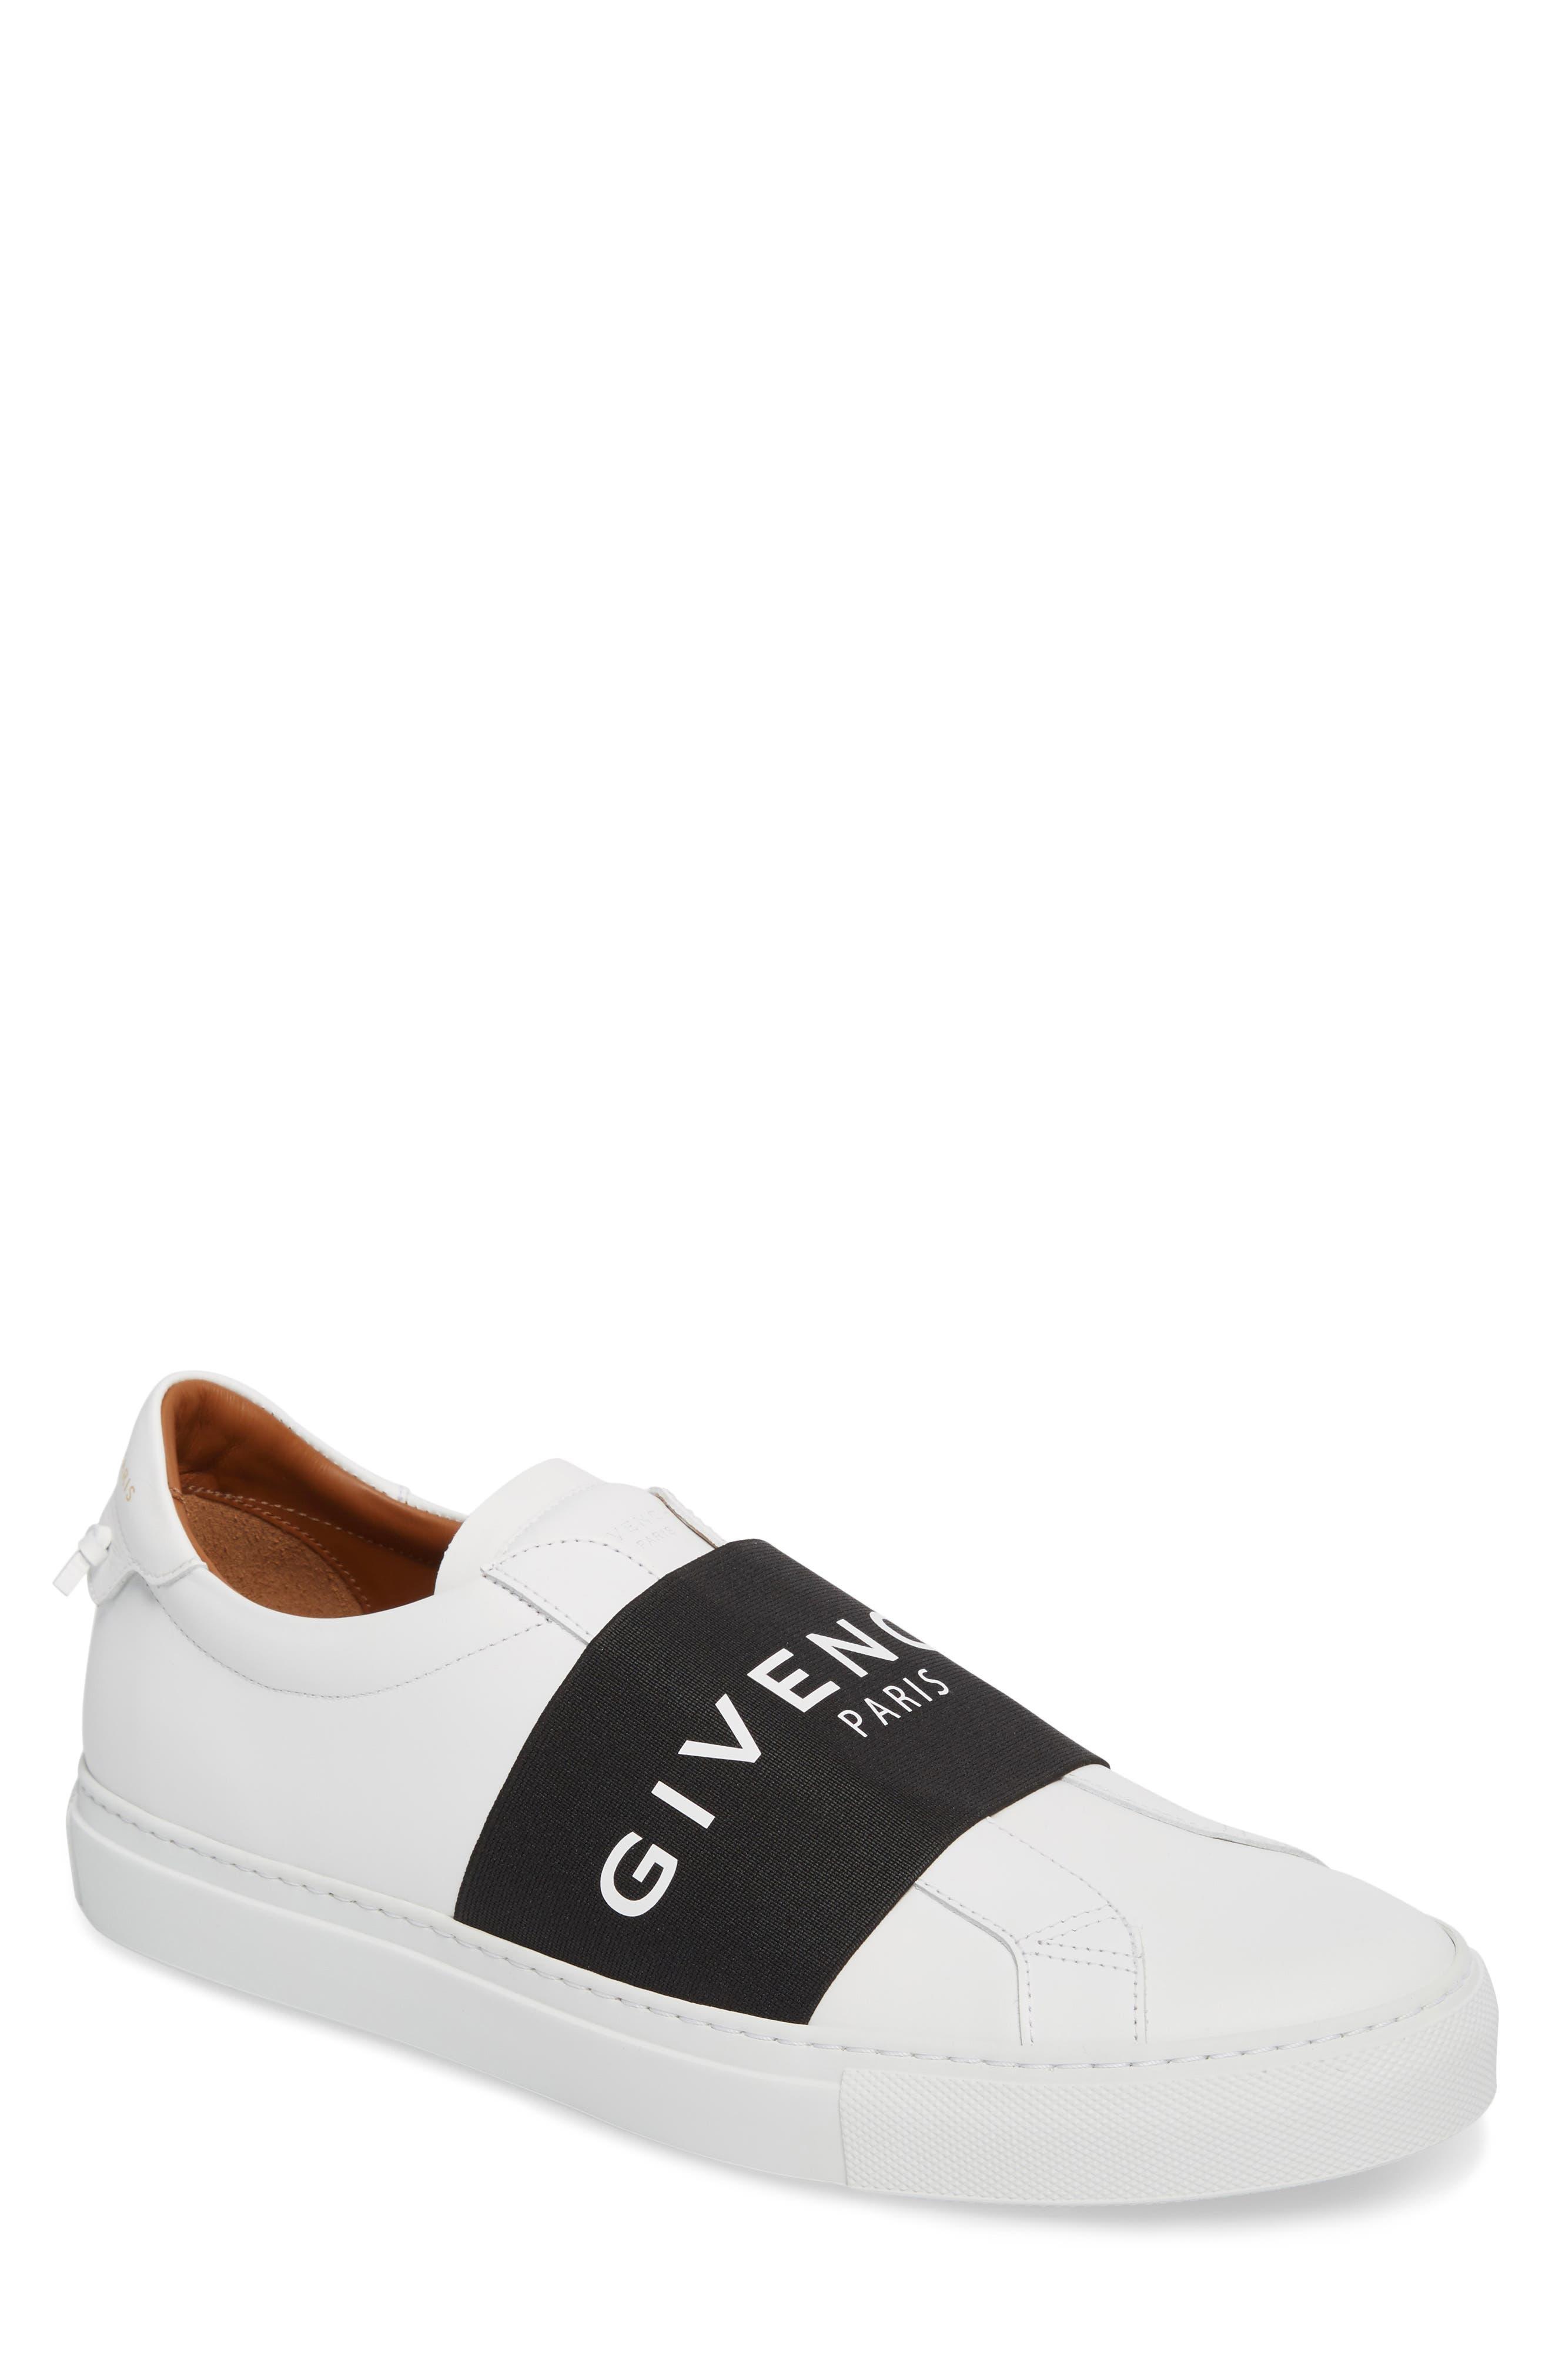 Main Image - Givenchy Urban Knots Sneaker (Men)